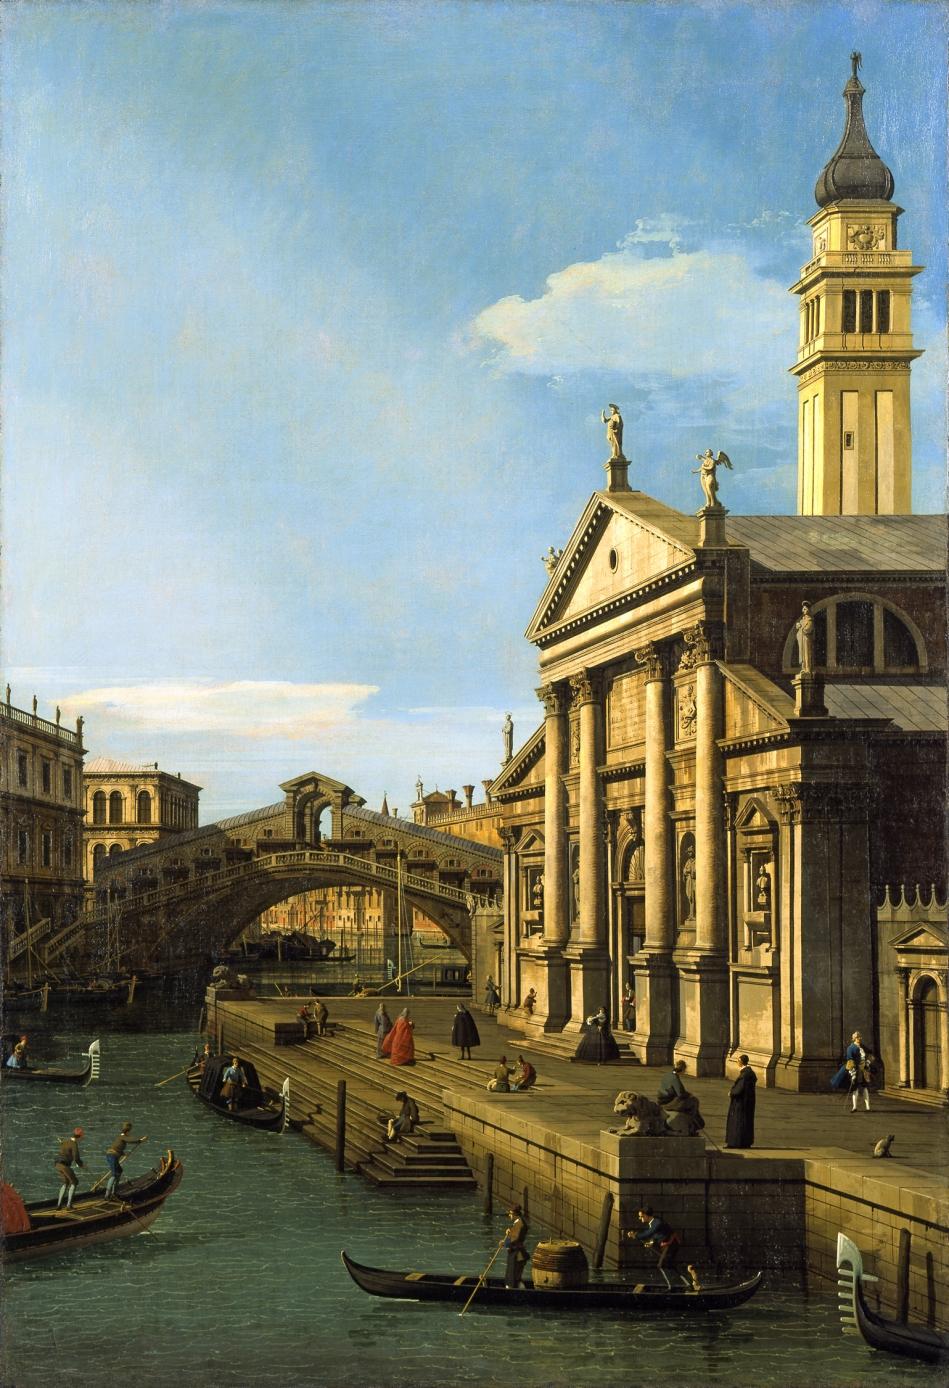 Canaletto, Capriccio, The Rialto Bridge and the Church of S